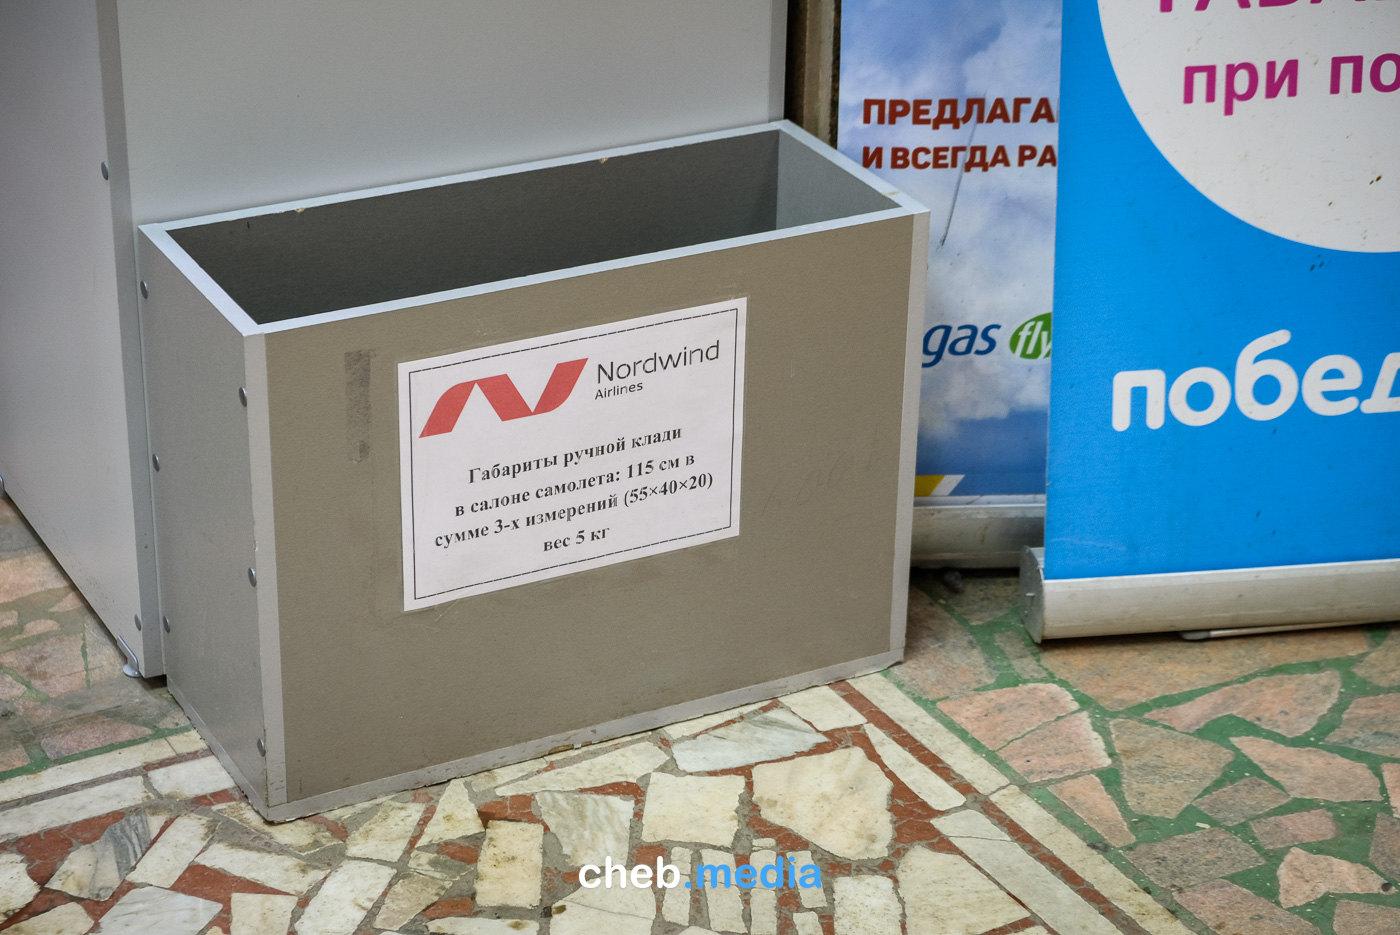 В летнем расписании аэропорта Чебоксар будет четыре рейса в Москву. Что это дает?